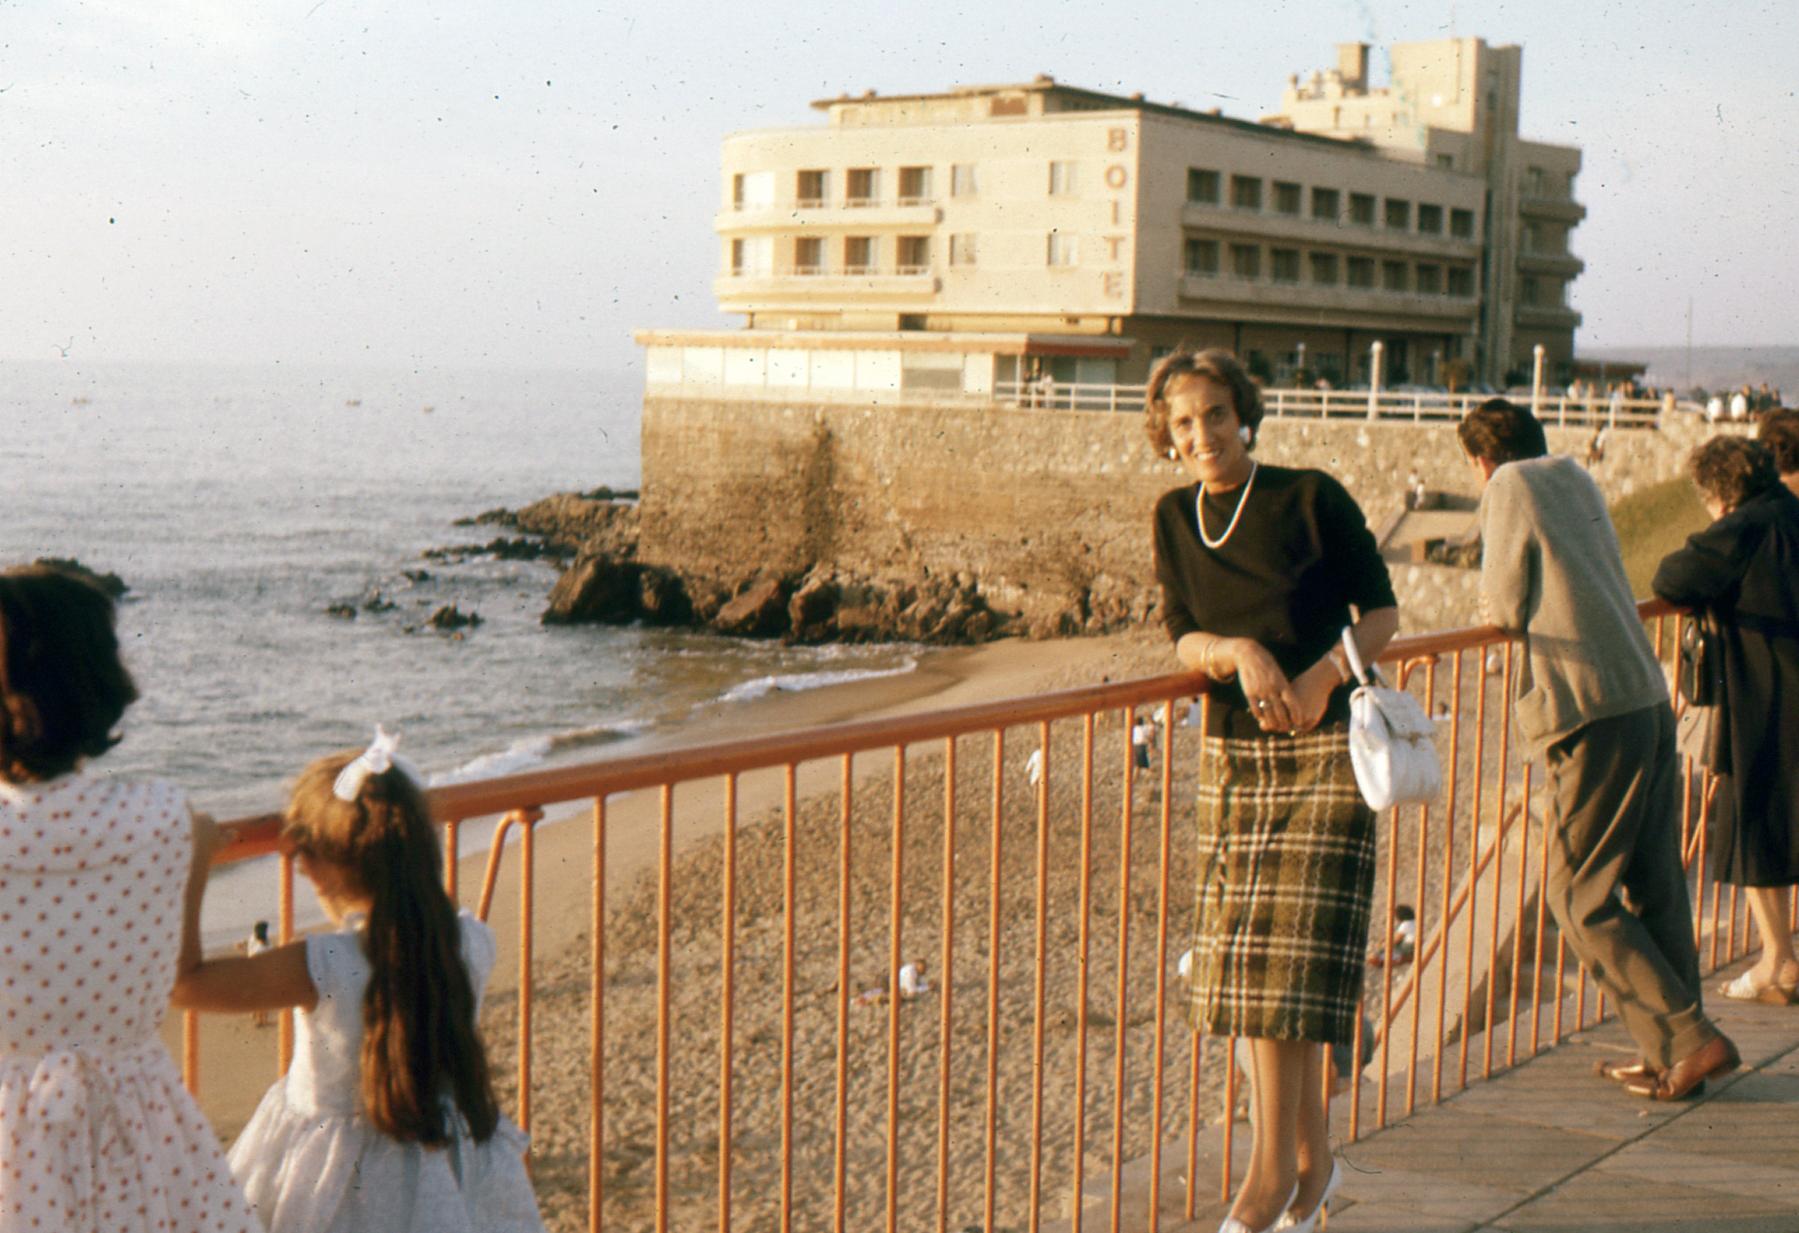 Enterreno - Fotos históricas de chile - fotos antiguas de Chile - Hotel Miramar de Viña del Mar en 1962